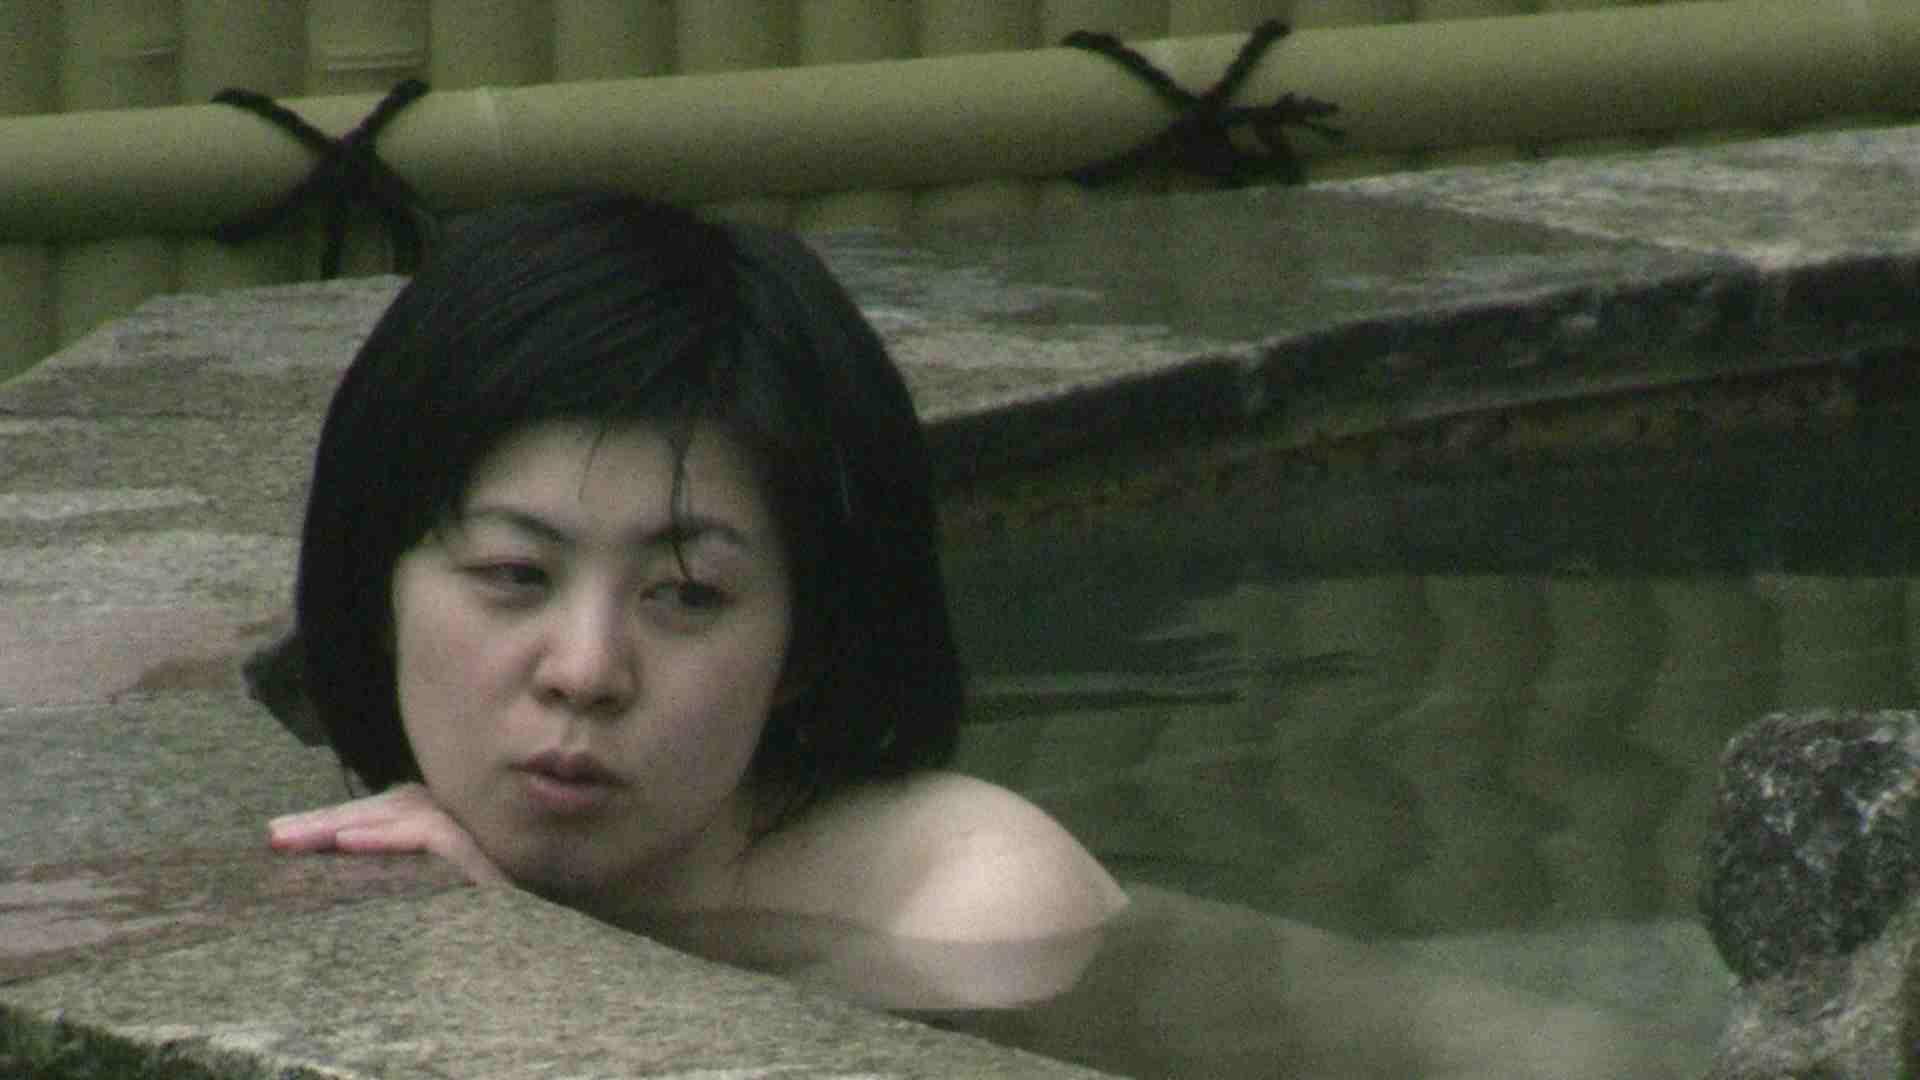 Aquaな露天風呂Vol.685 美しいOLの裸体 スケベ動画紹介 88pic 59